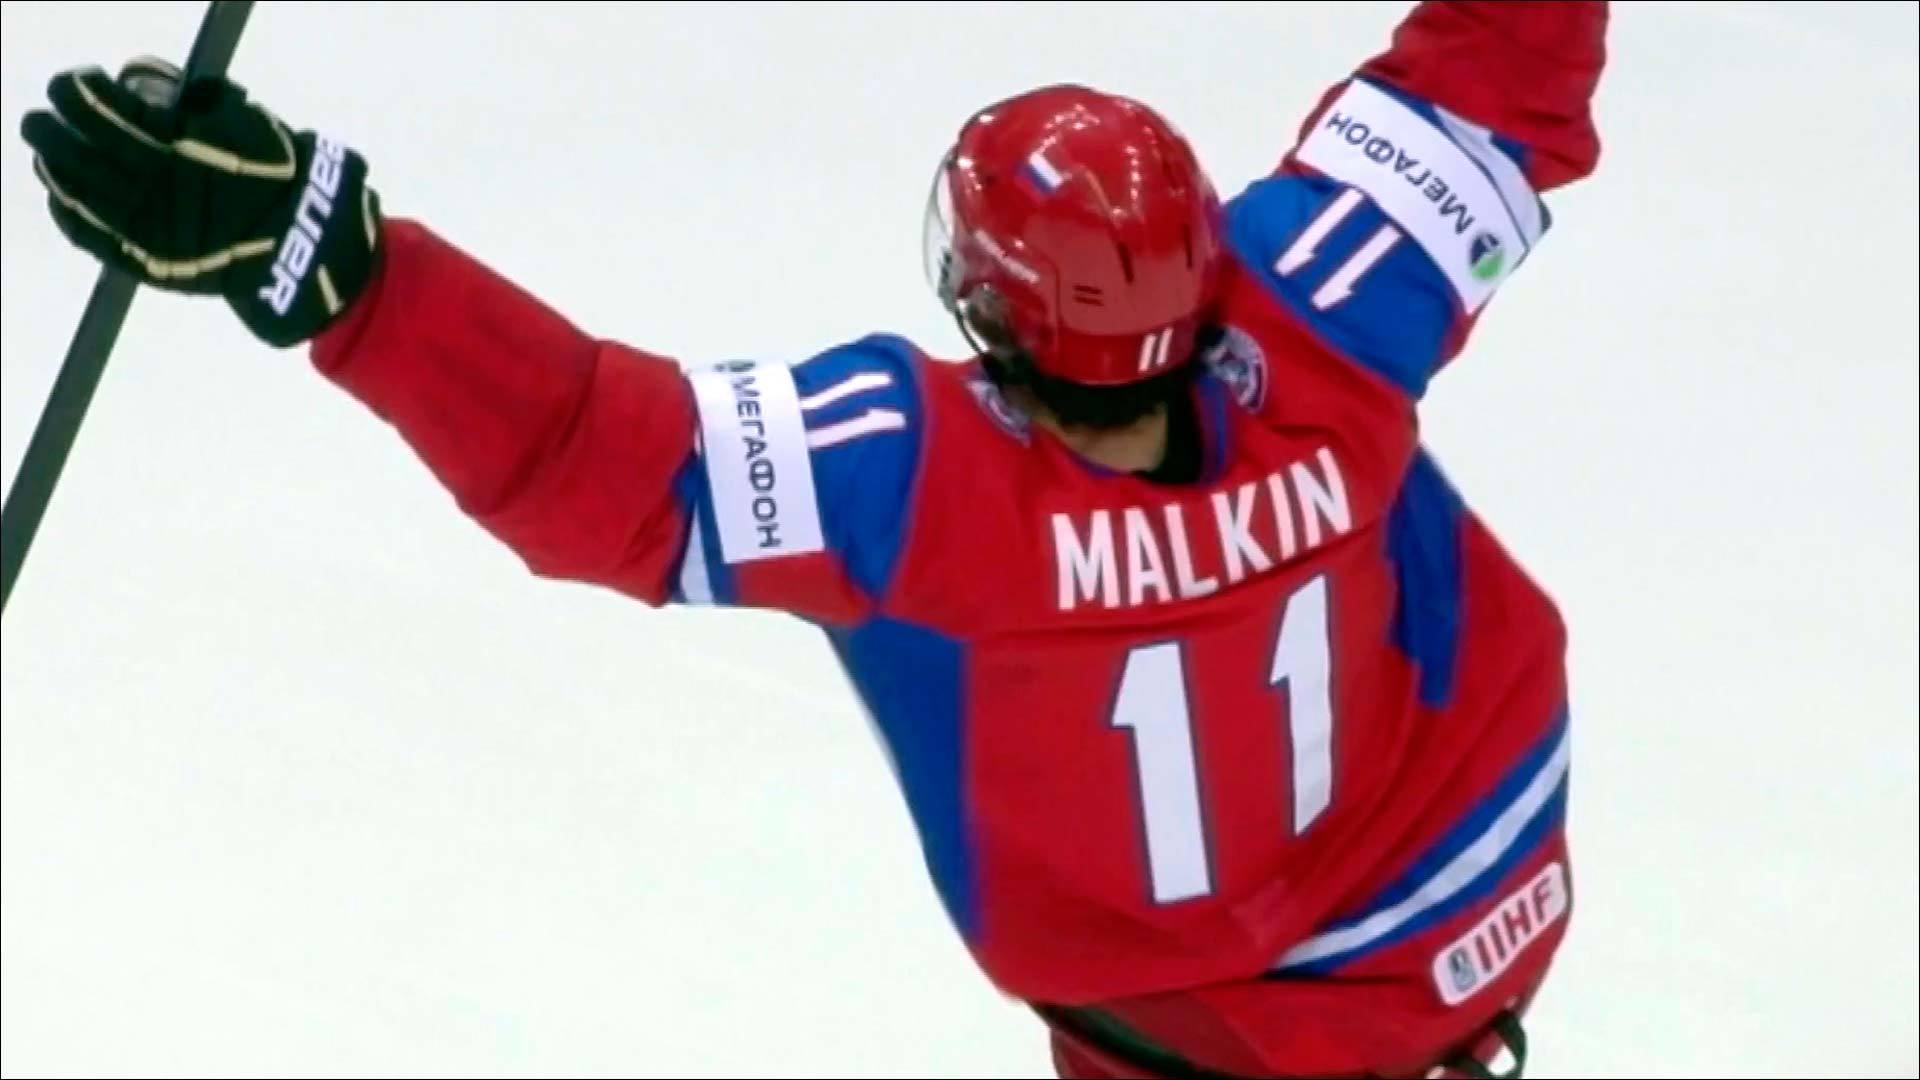 Телеканал спорт смотреть онлайн прямой эфир бесплатно россия 27 фотография